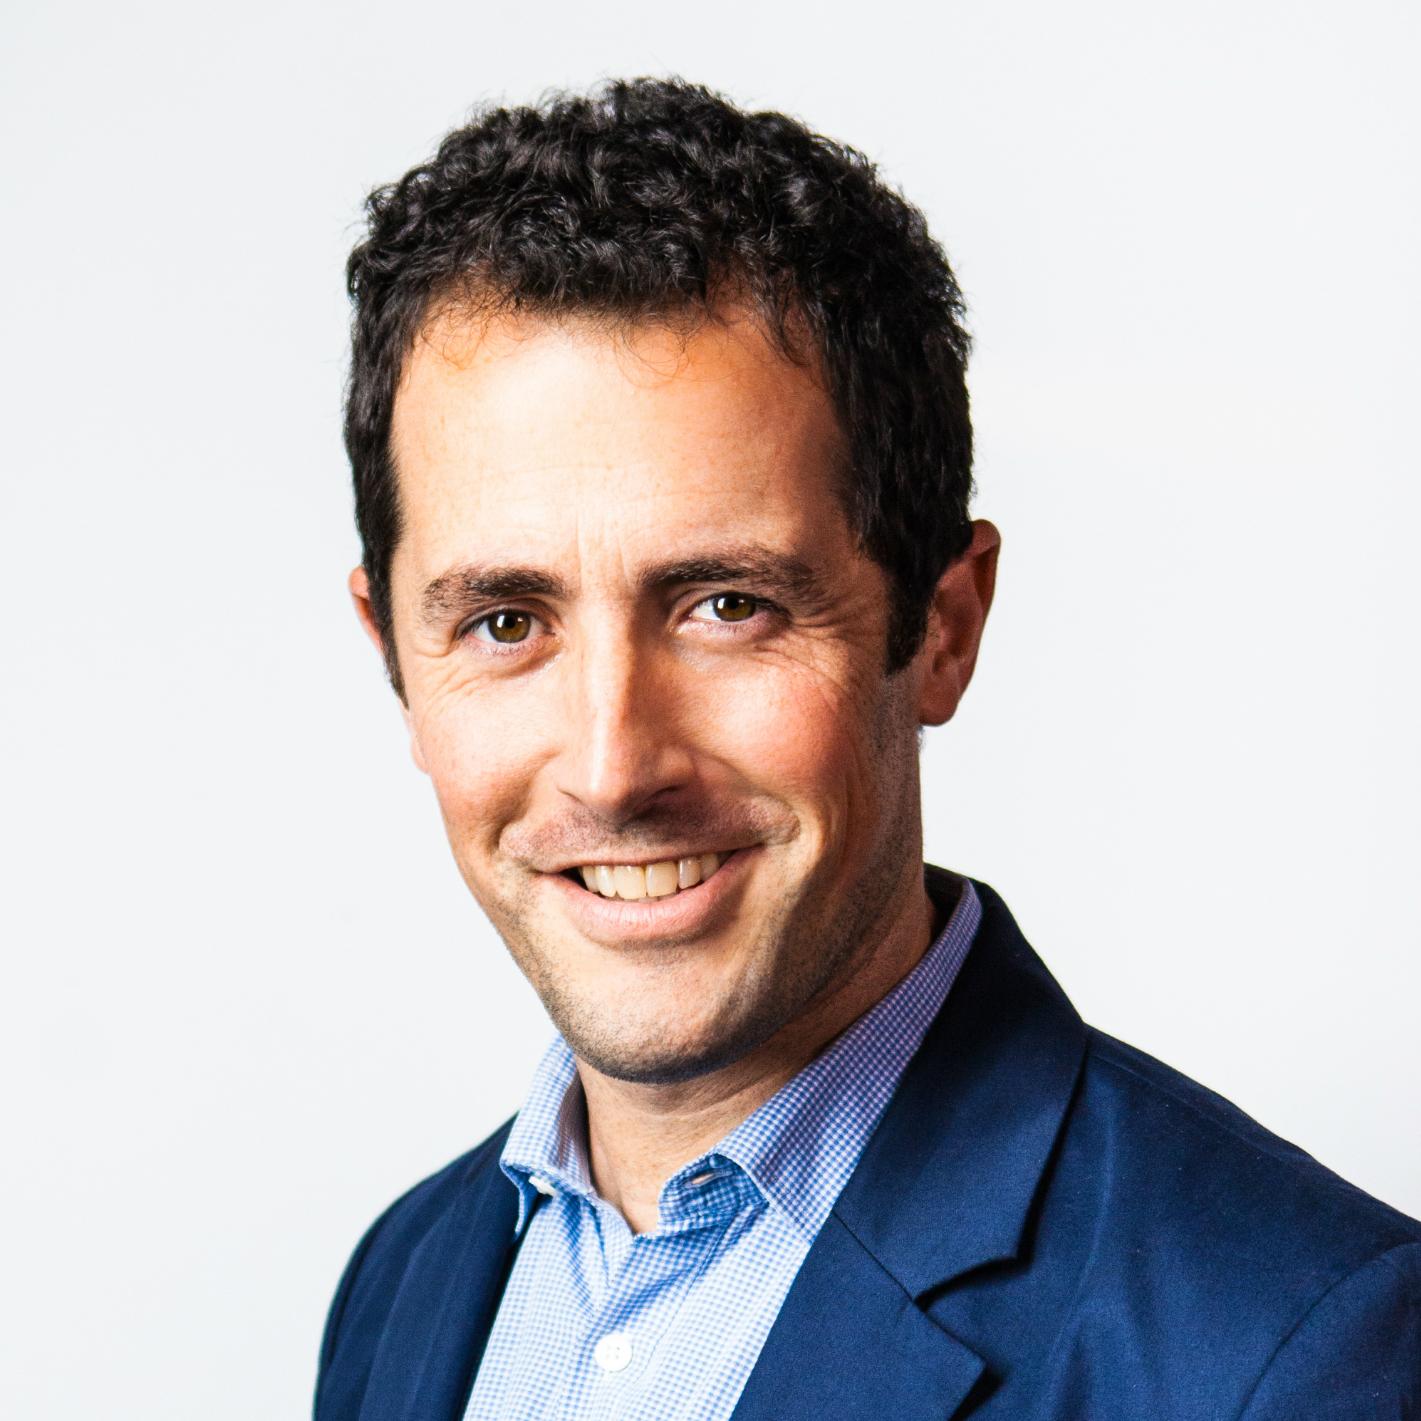 Matthew Garrahan, Financial Times